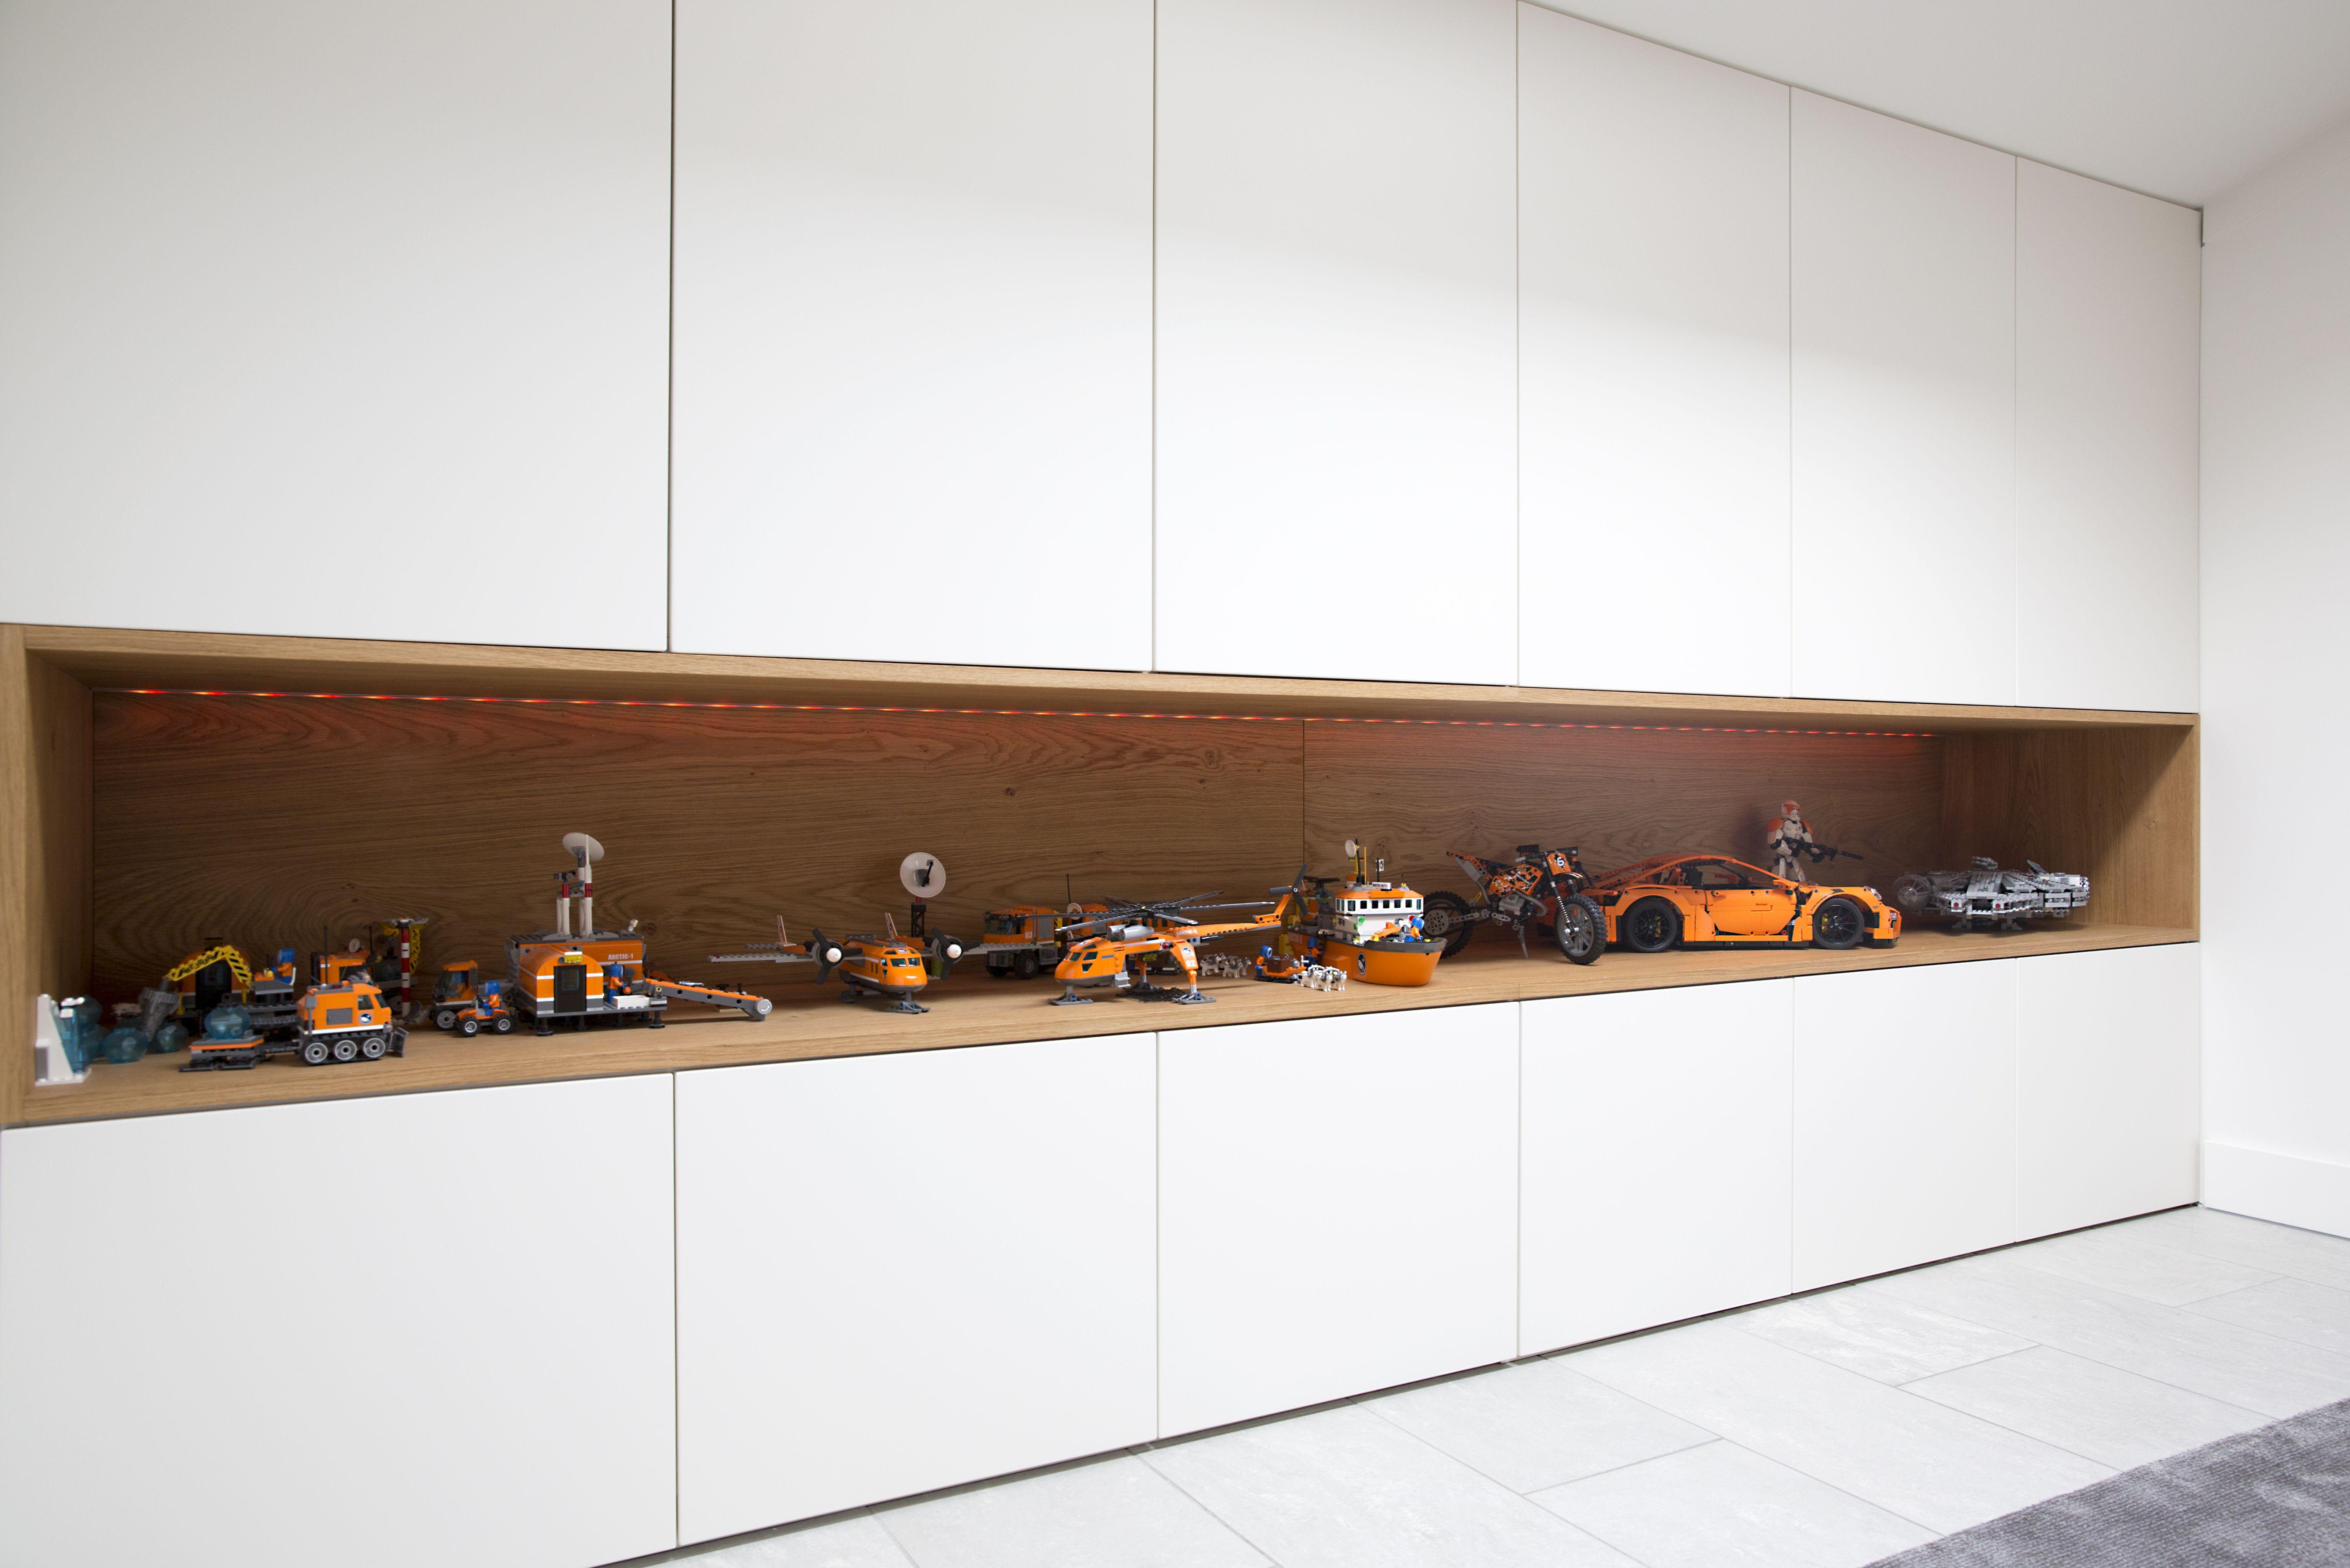 Zolder ontwerp lounge kamer voor tieners interieur design by